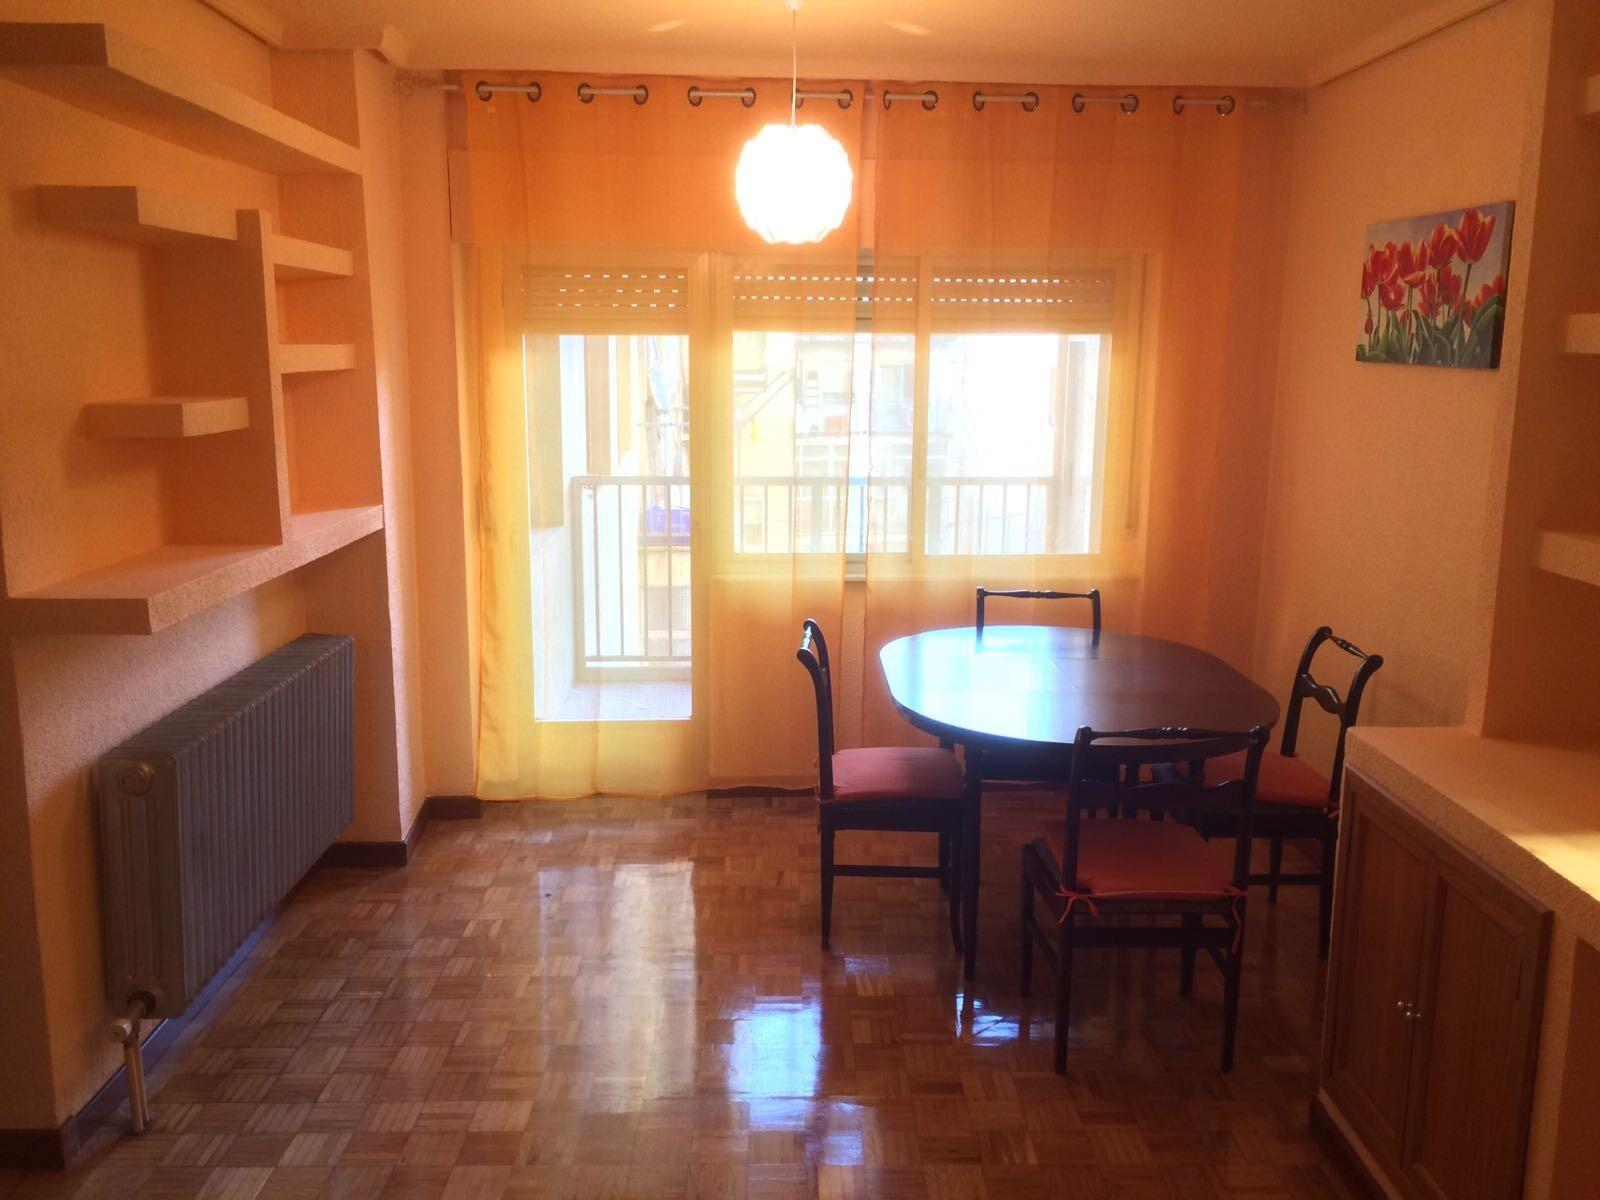 Piso reci n pintado ba os y cocina a estrenar tiene terraza alquiler pisos salamanca - Pisos a estrenar en madrid ...